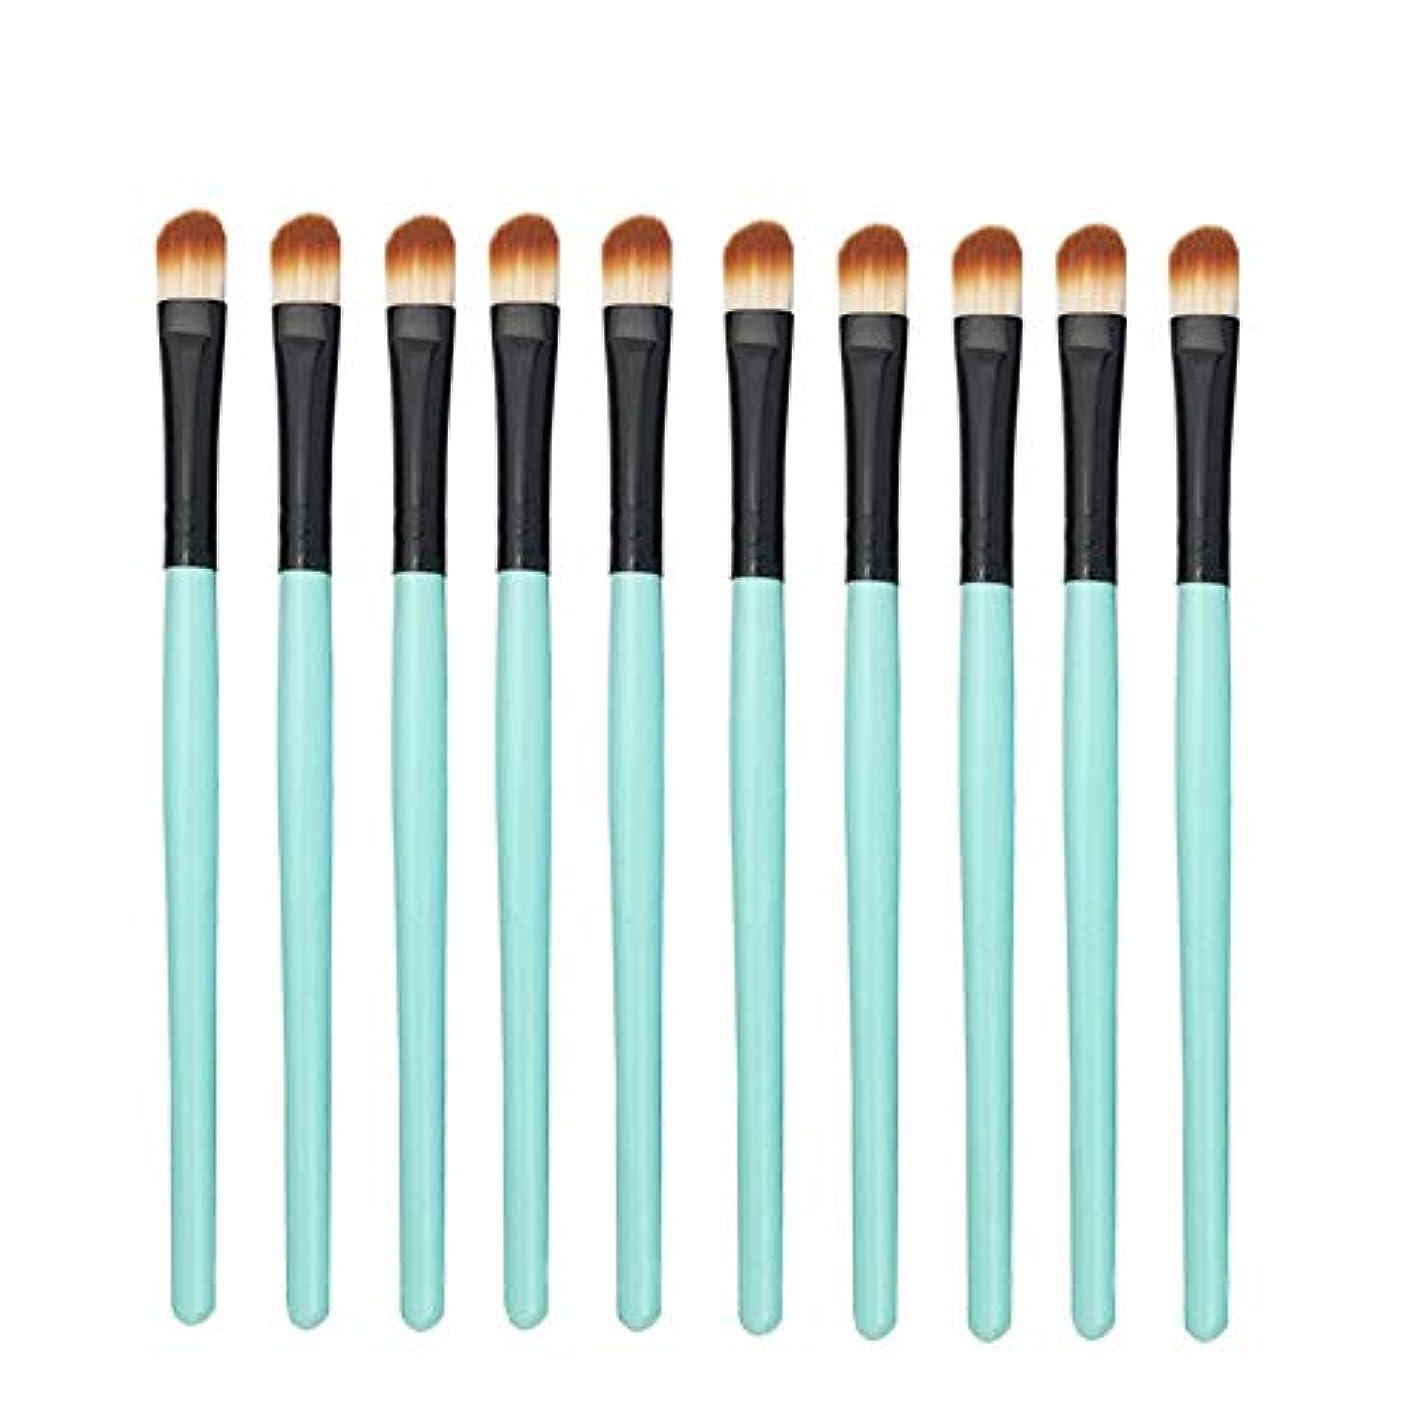 今晩連想群集Makeup brushes 10メイクブラシアイスマッジセットリップブラシアイシャドウハイツアンクラウドコンビニエンスツール-ブルー suits (Color : Green Black)